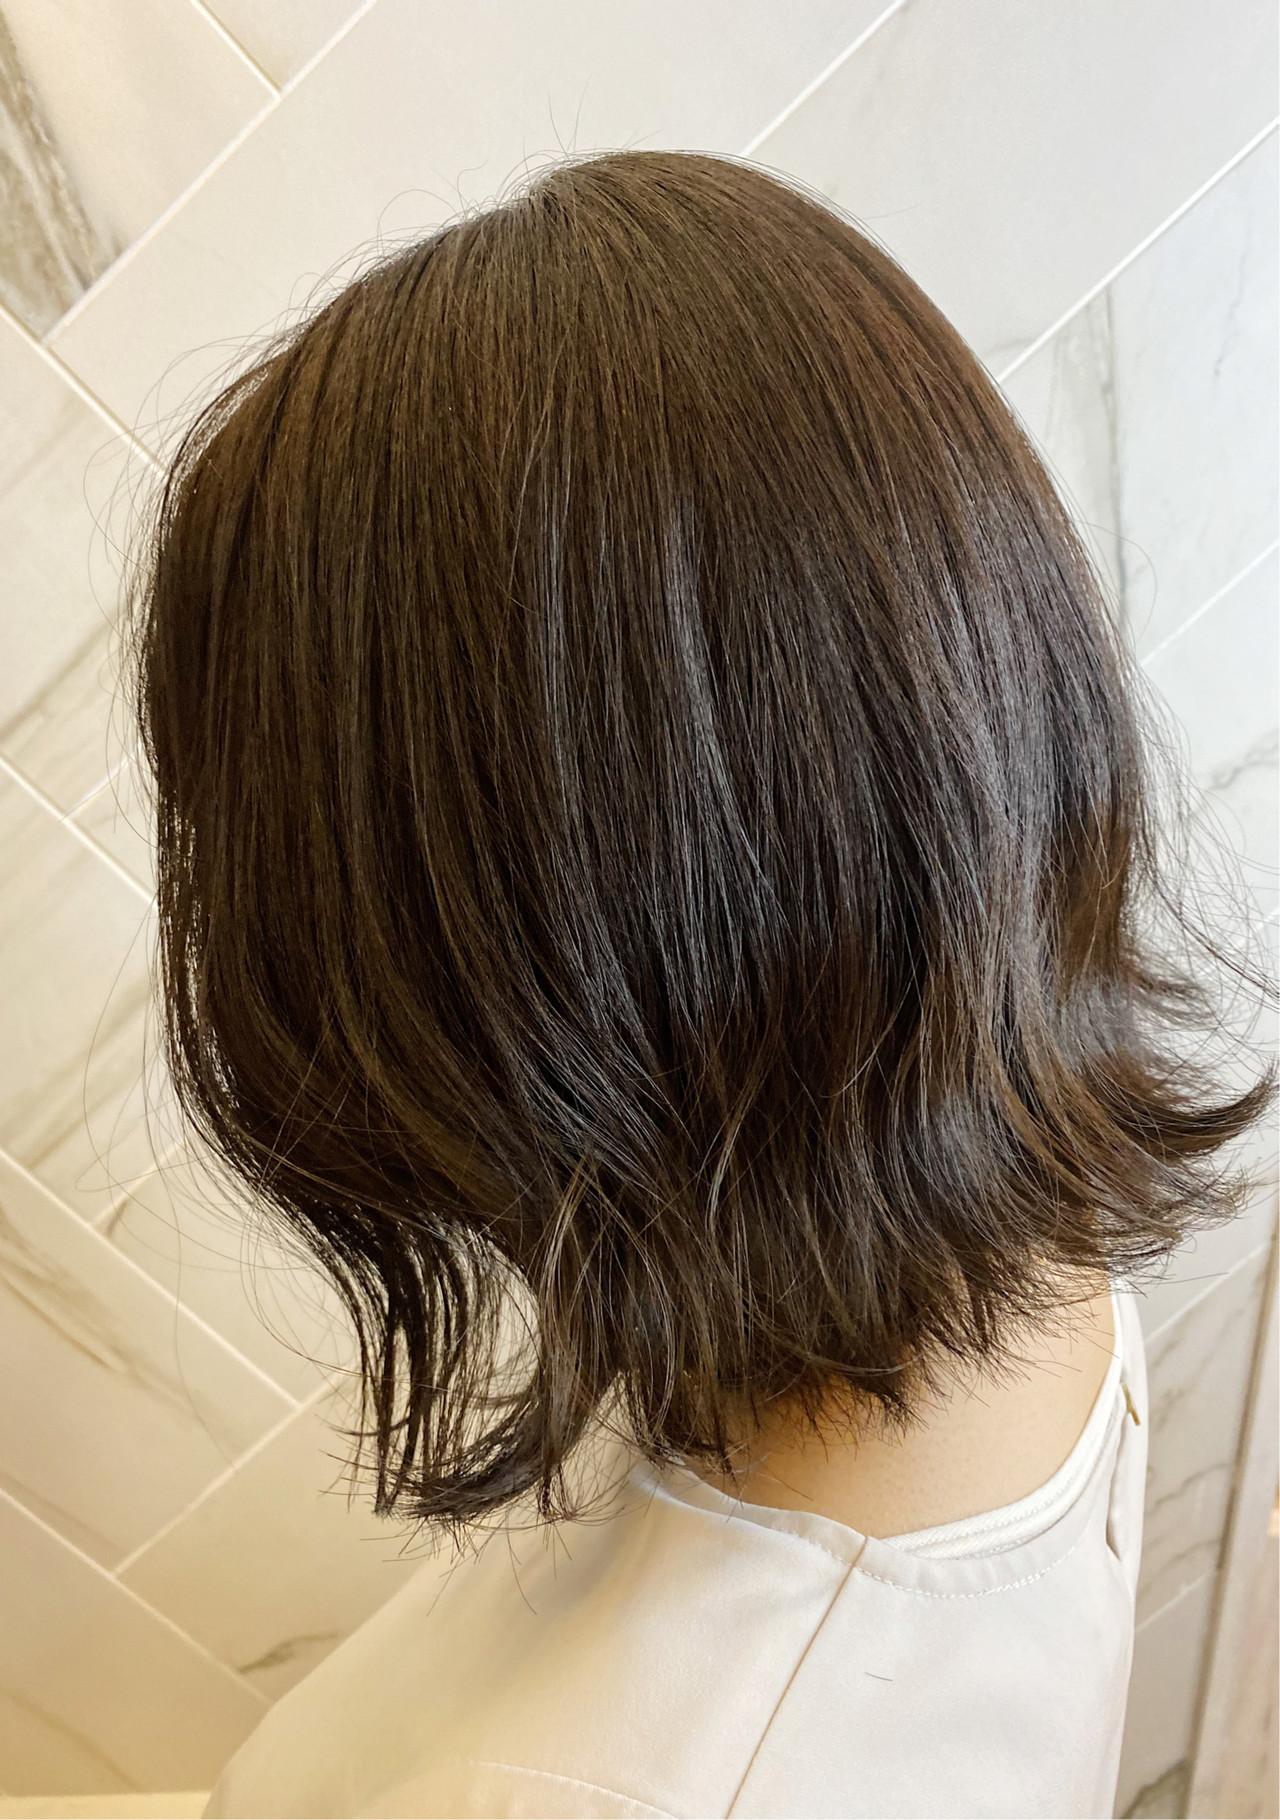 銀座美容室 ボブ 切りっぱなしボブ 20代 ヘアスタイルや髪型の写真・画像 | 髪質改善、モテ髪カットのプロ!Zina出口耕太郎 / Zina CENTRAL